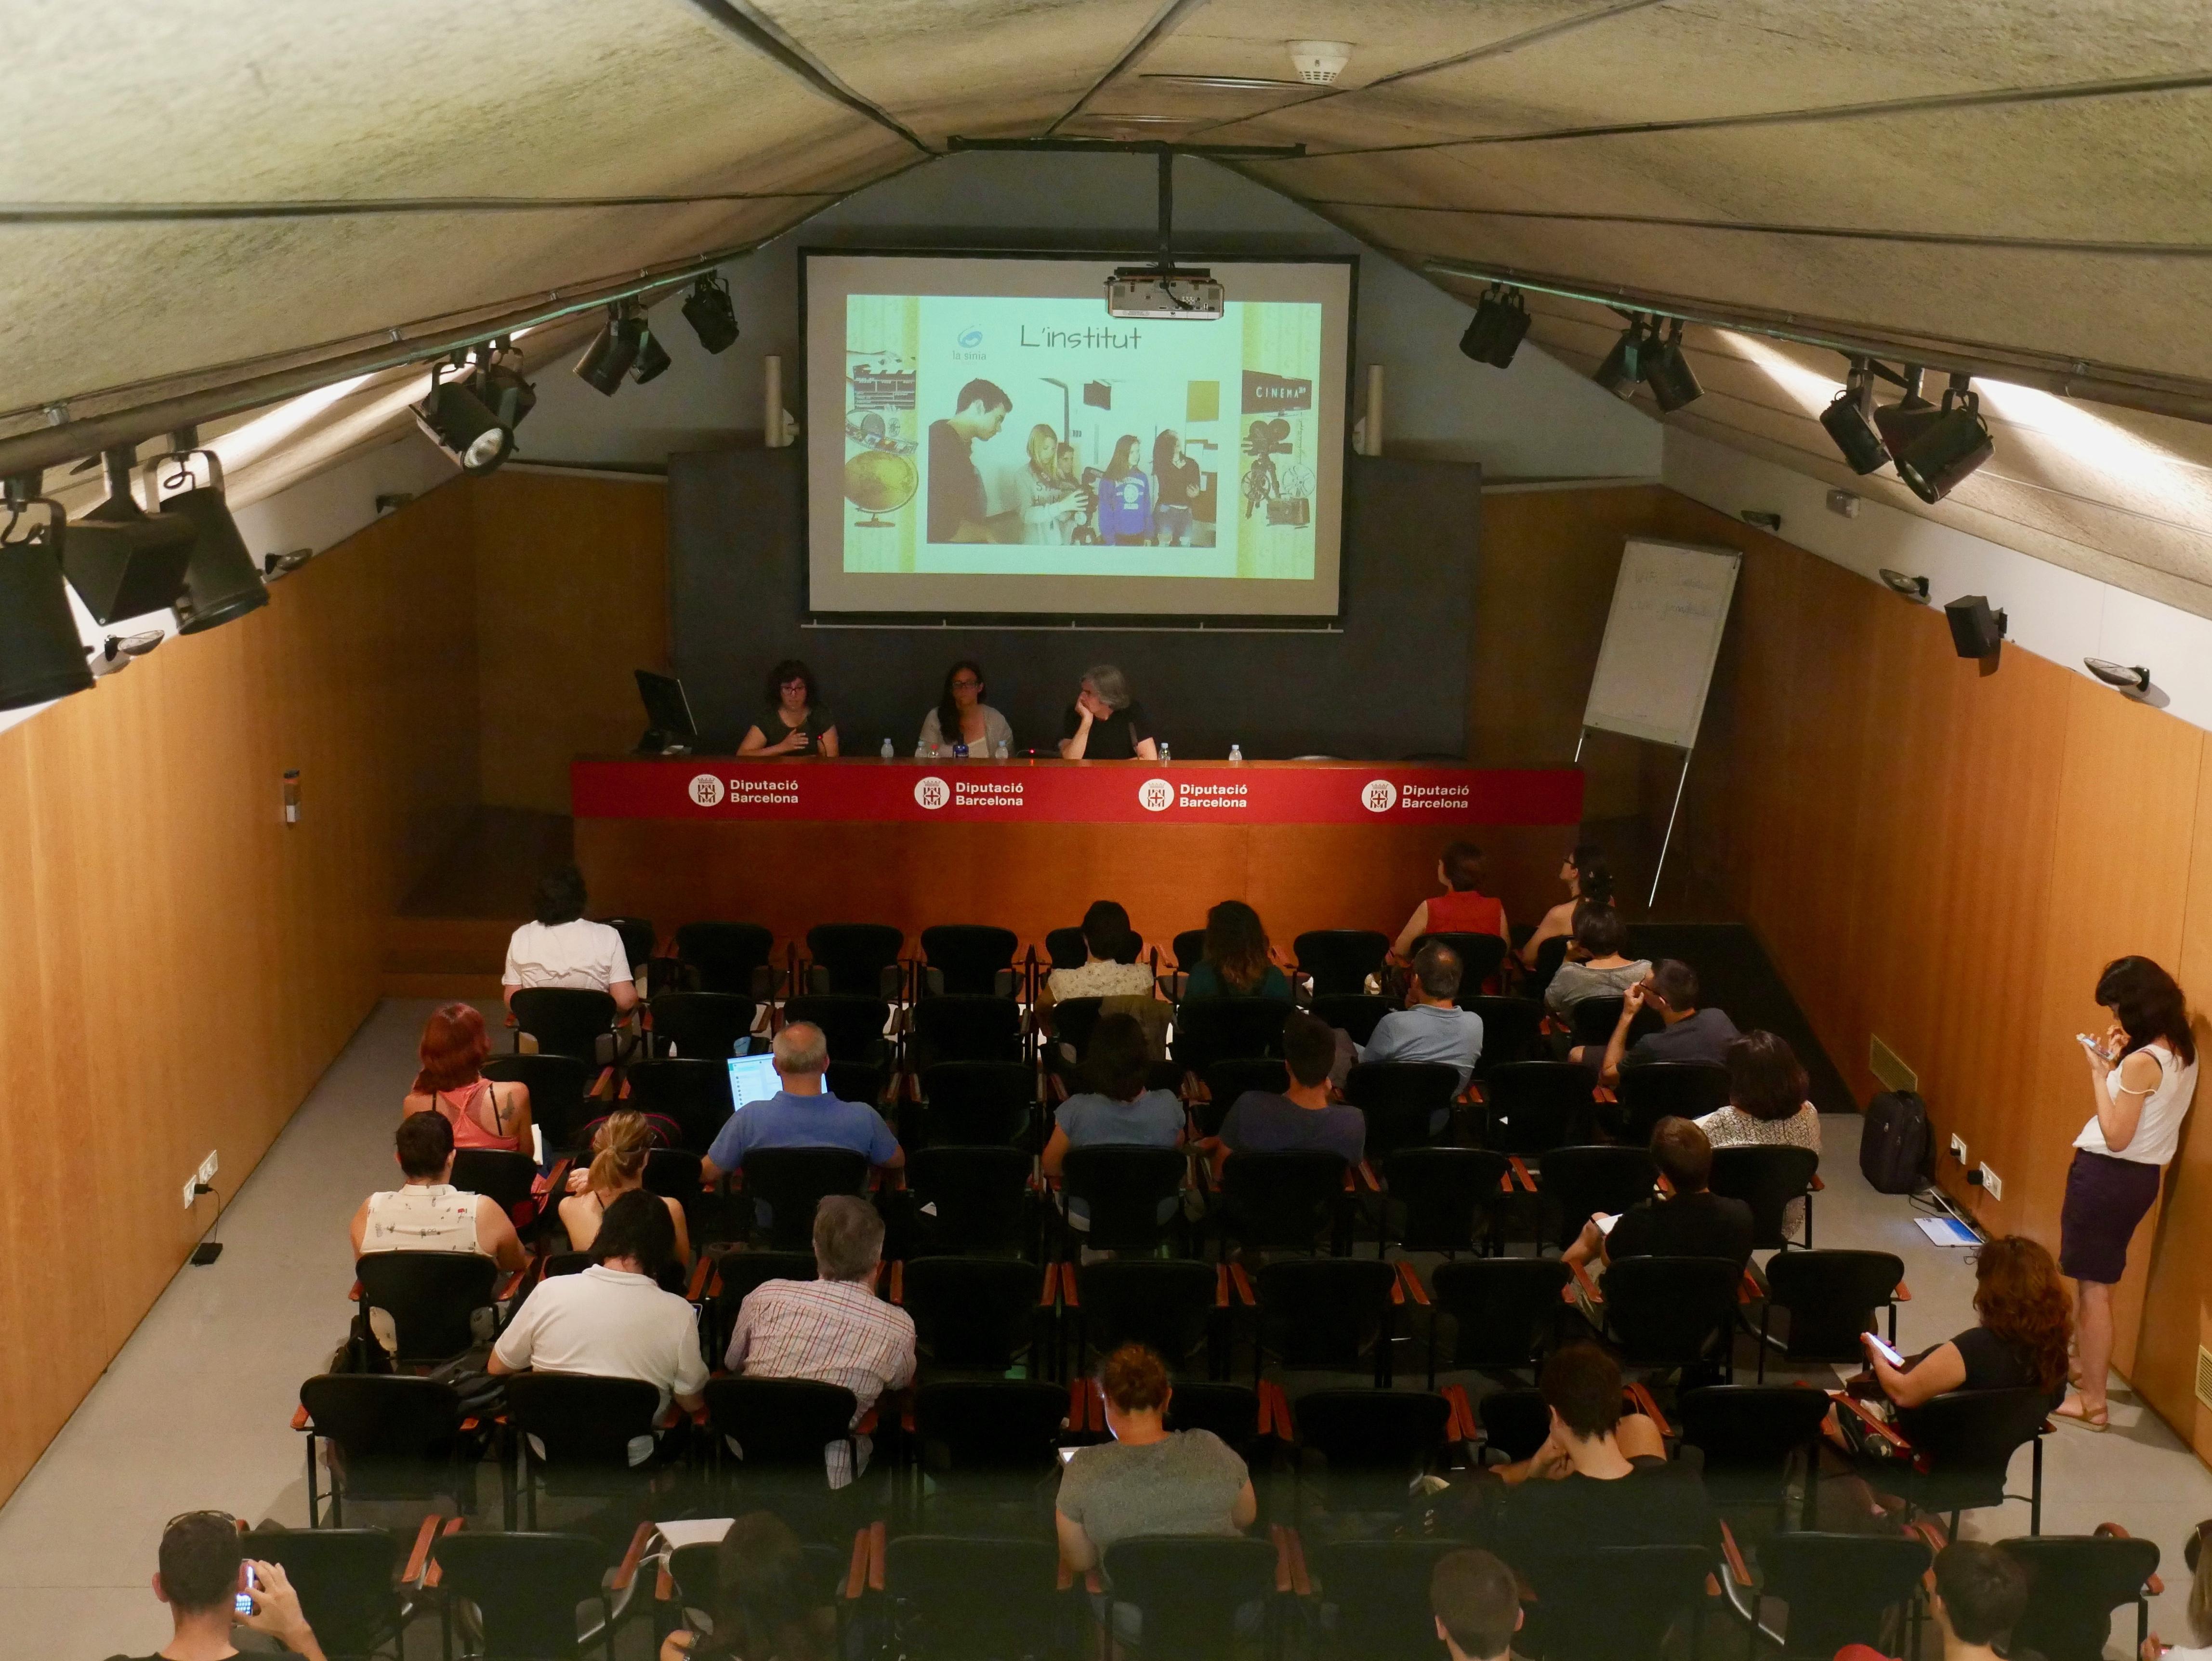 Imaxe de AulaMèdia | Creative commons atribución 3.0